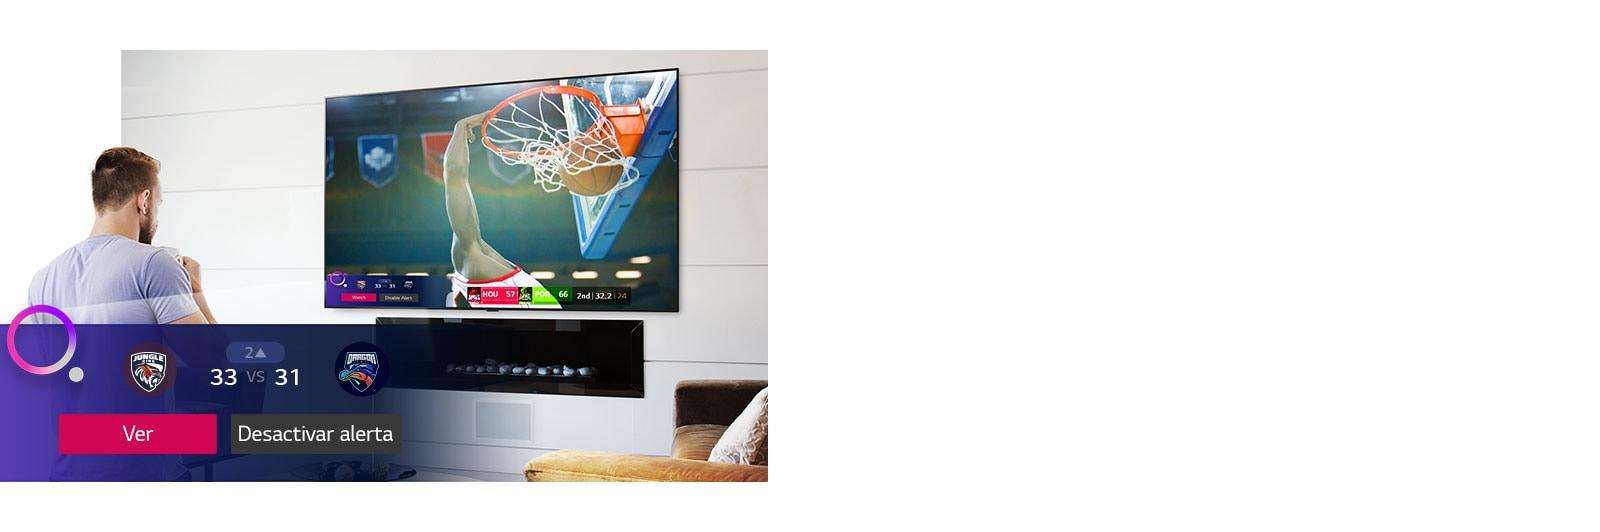 La pantalla de TV muestra una escena de un partido de baloncesto con una alerta de deportes